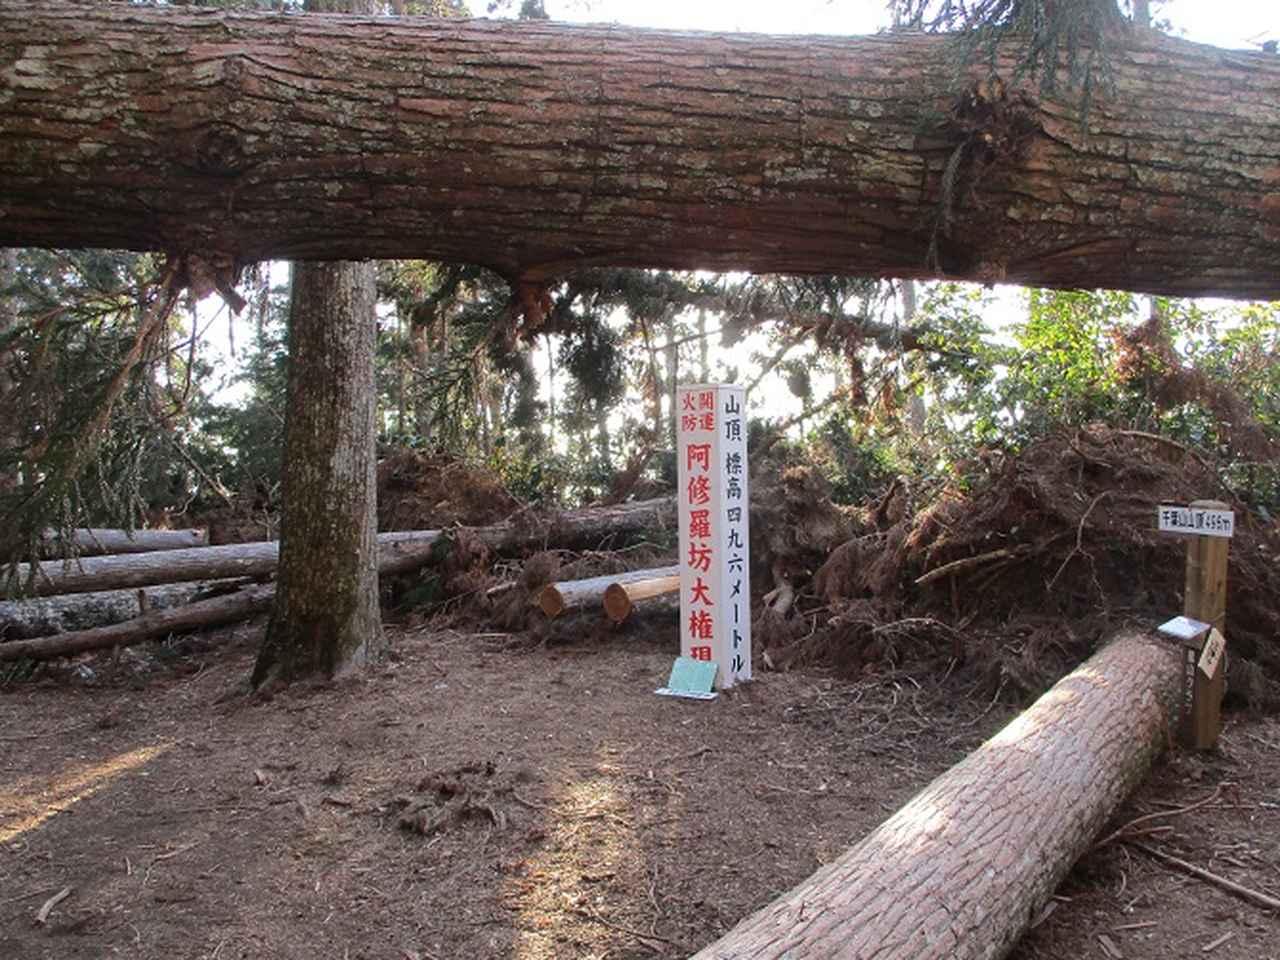 画像8: 【山旅会・登山ガイドこだわりツアー】岡田ガイドからの便り・千葉山ツアーの下見にいってまいりました!